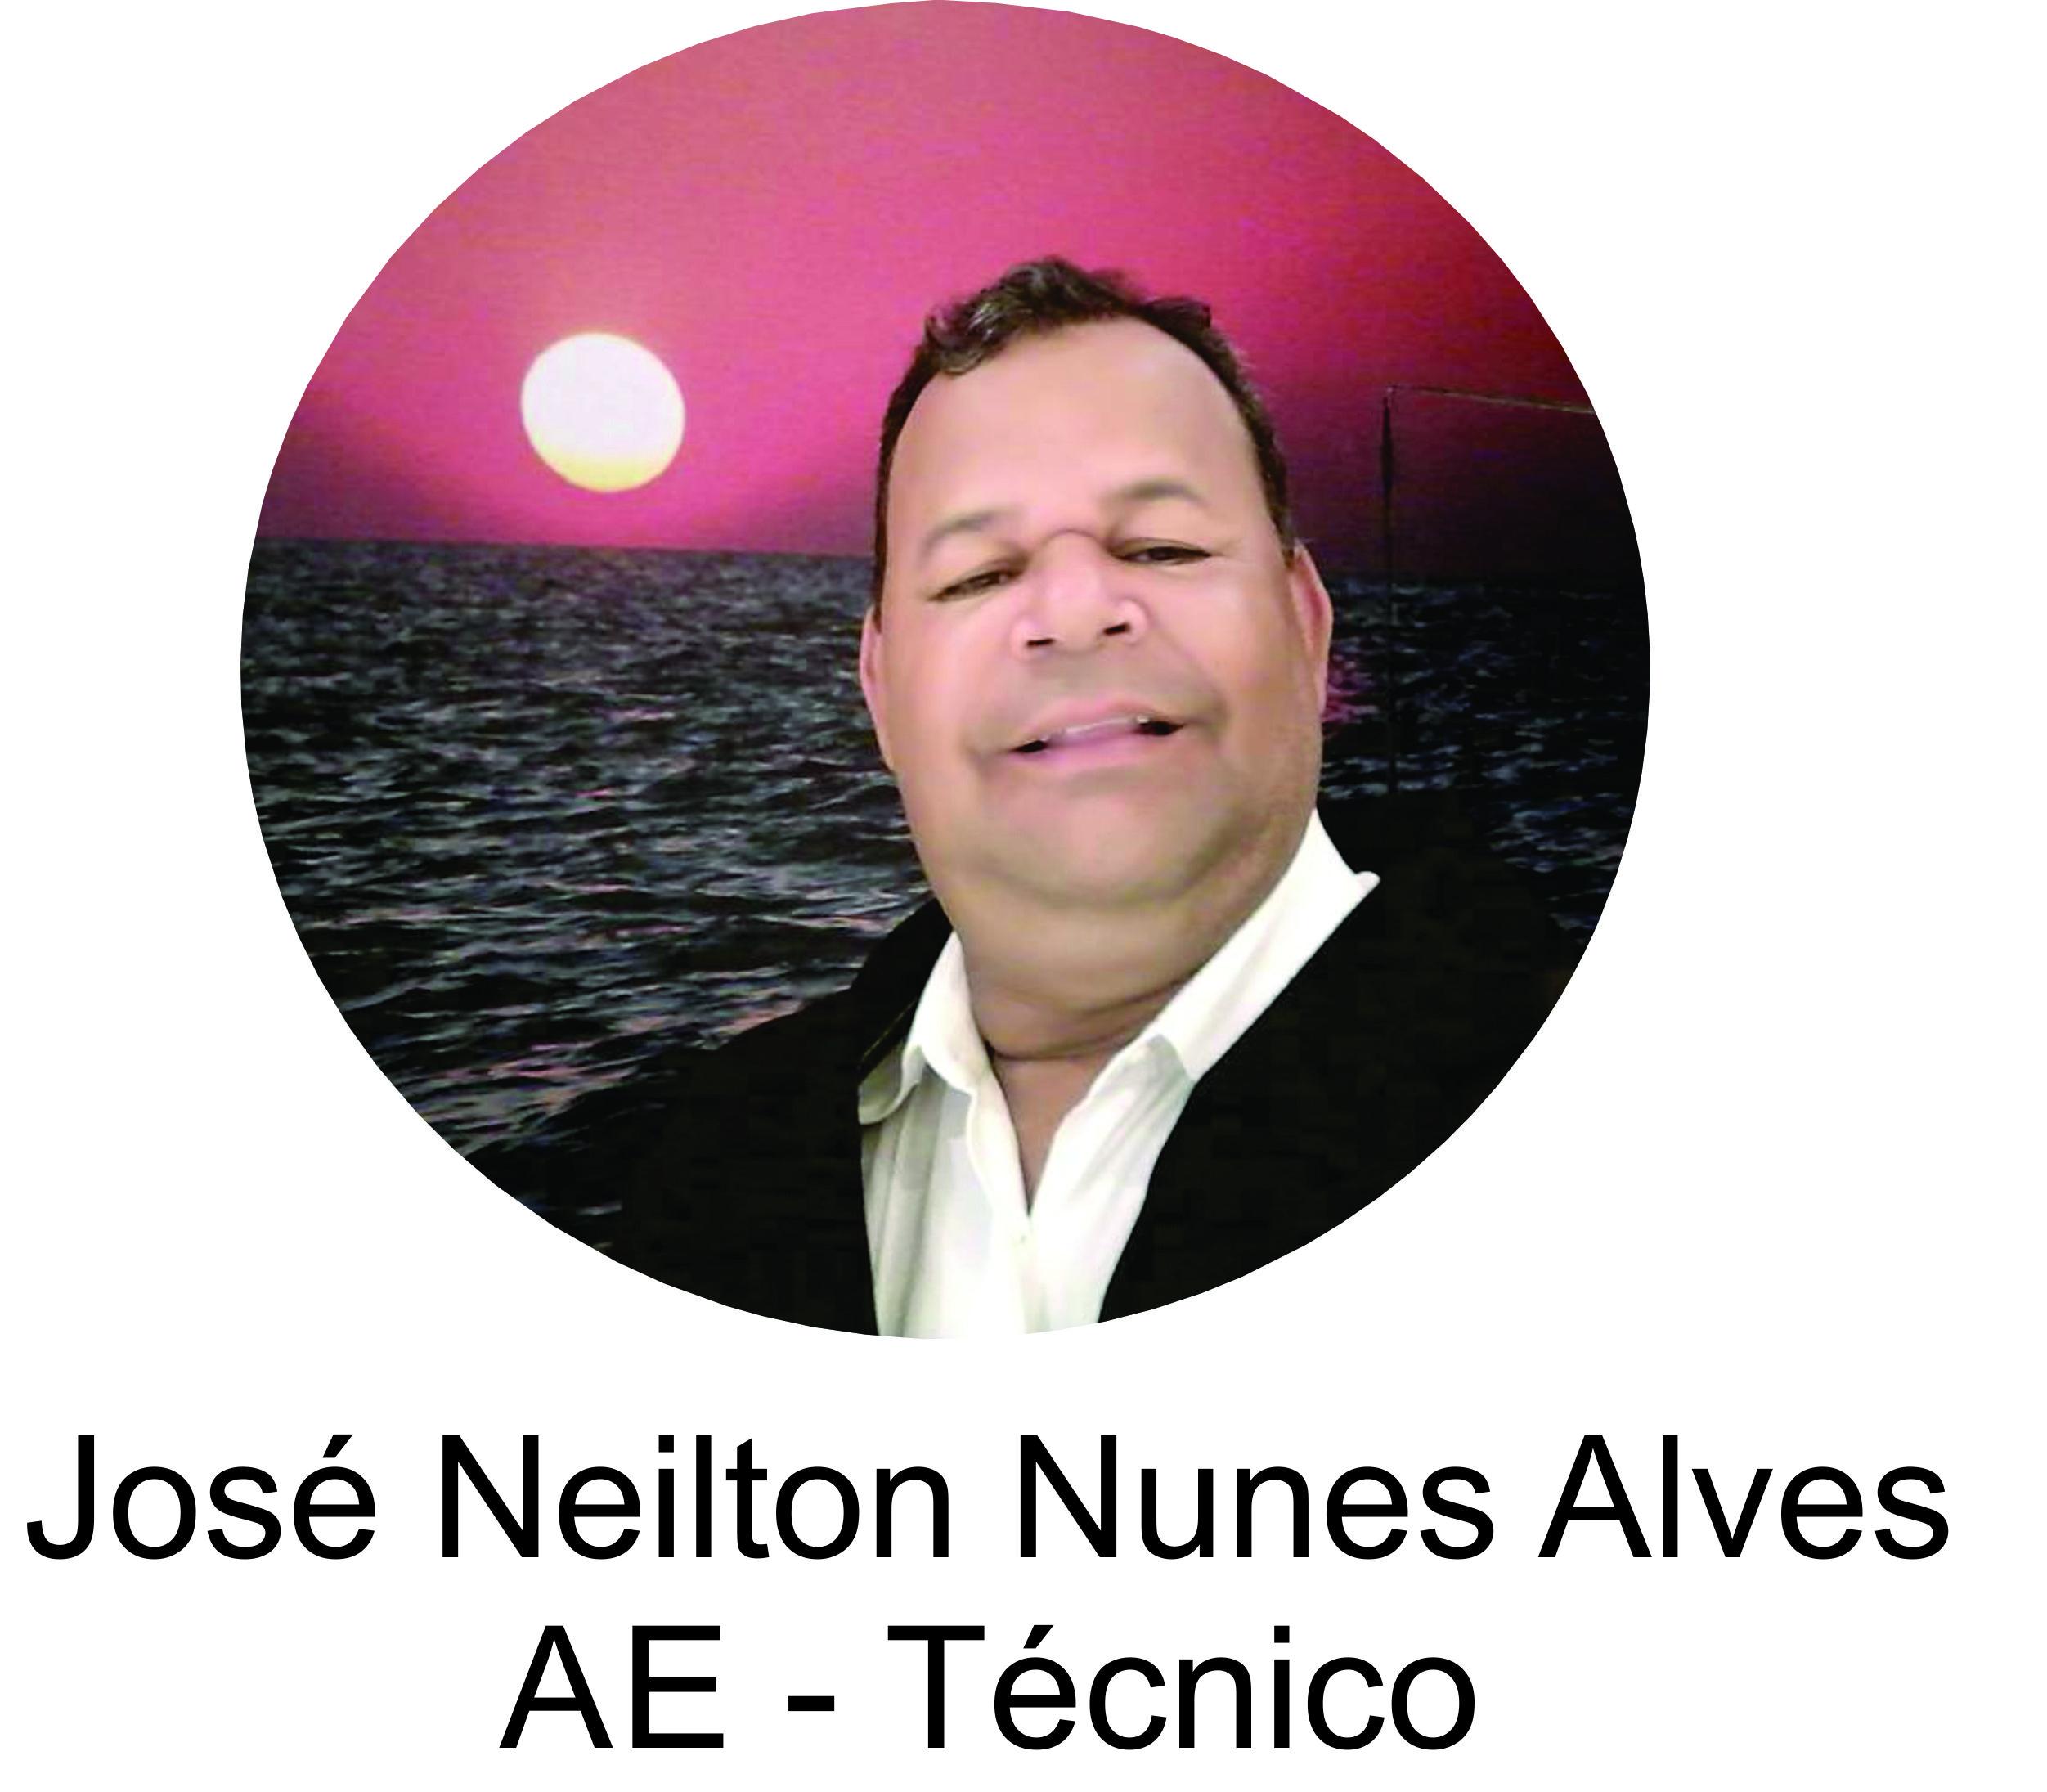 José Neilton Nunes Alves